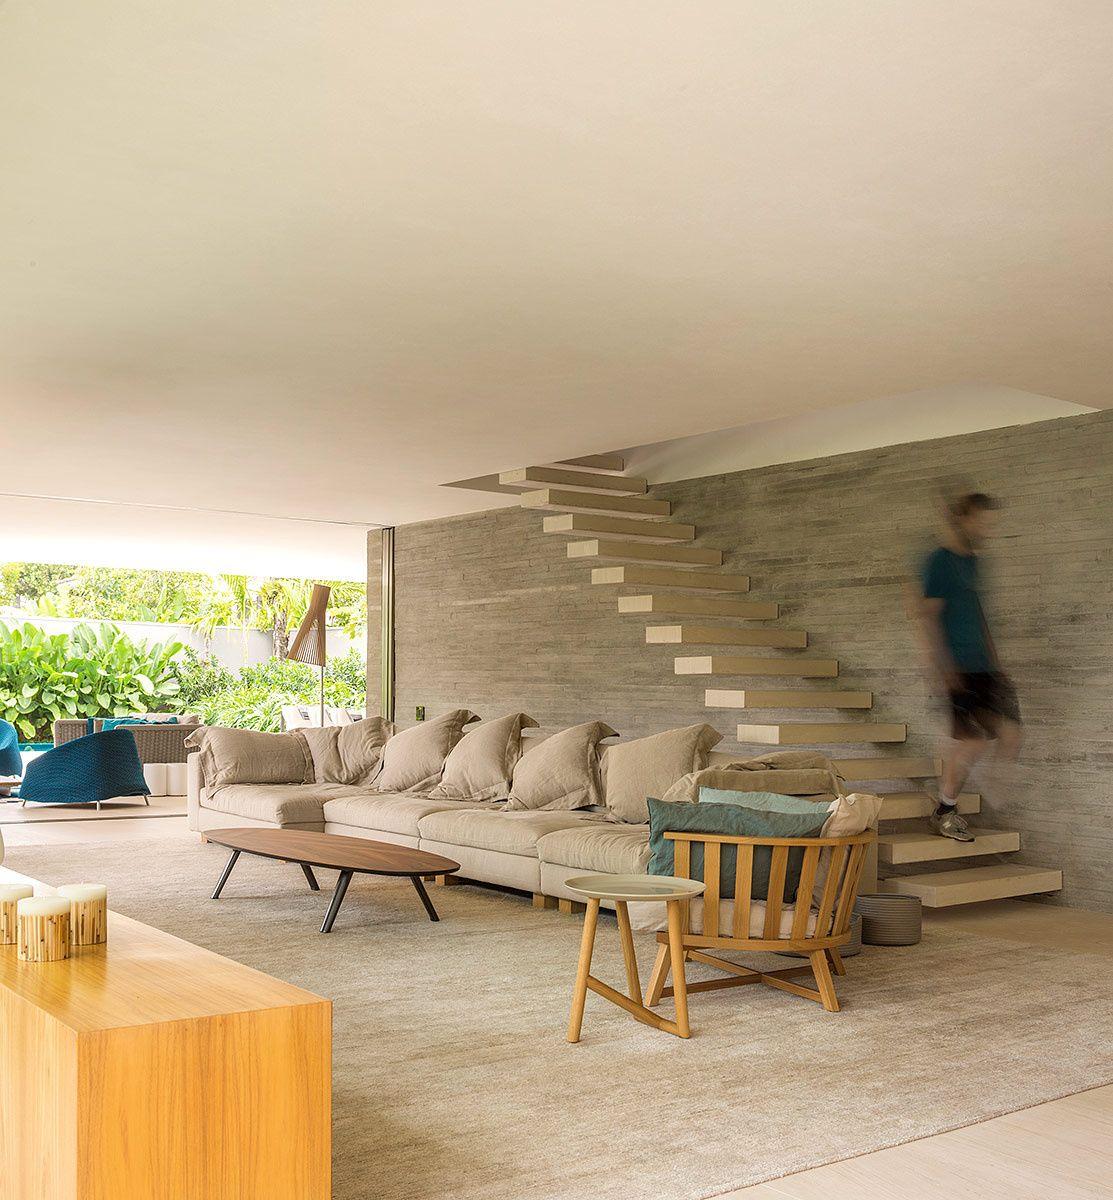 casas mesa lateral guerra escaleras exteriores arquitectos famosos tinte algun estancias